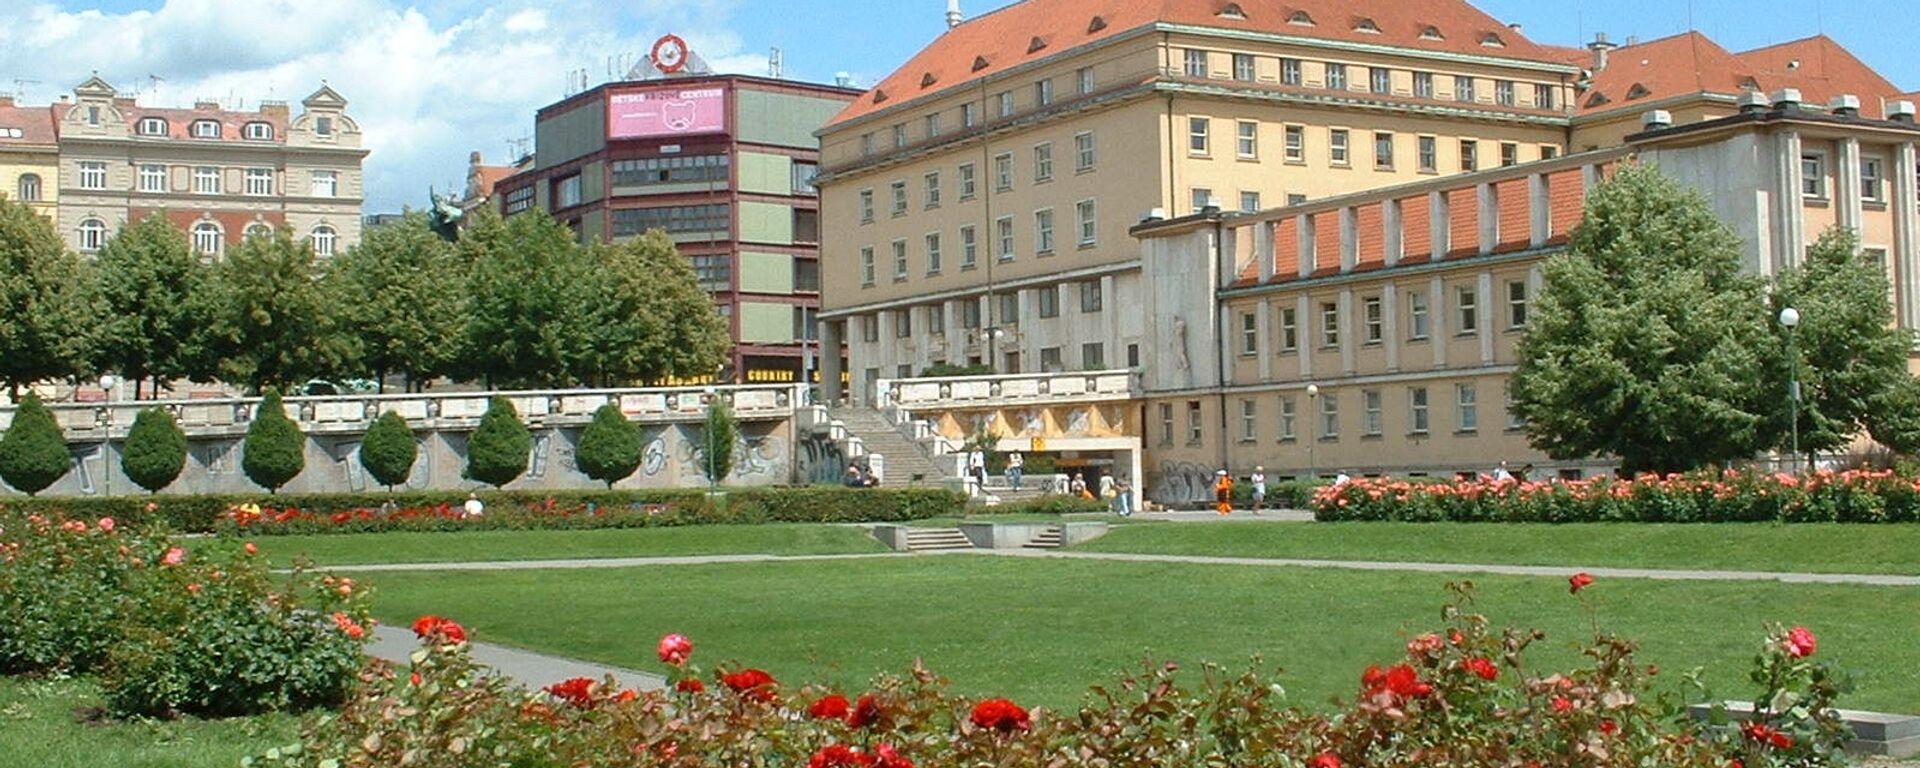 Budova Ministerstva zdravotnictví Česka - Sputnik Česká republika, 1920, 19.05.2021